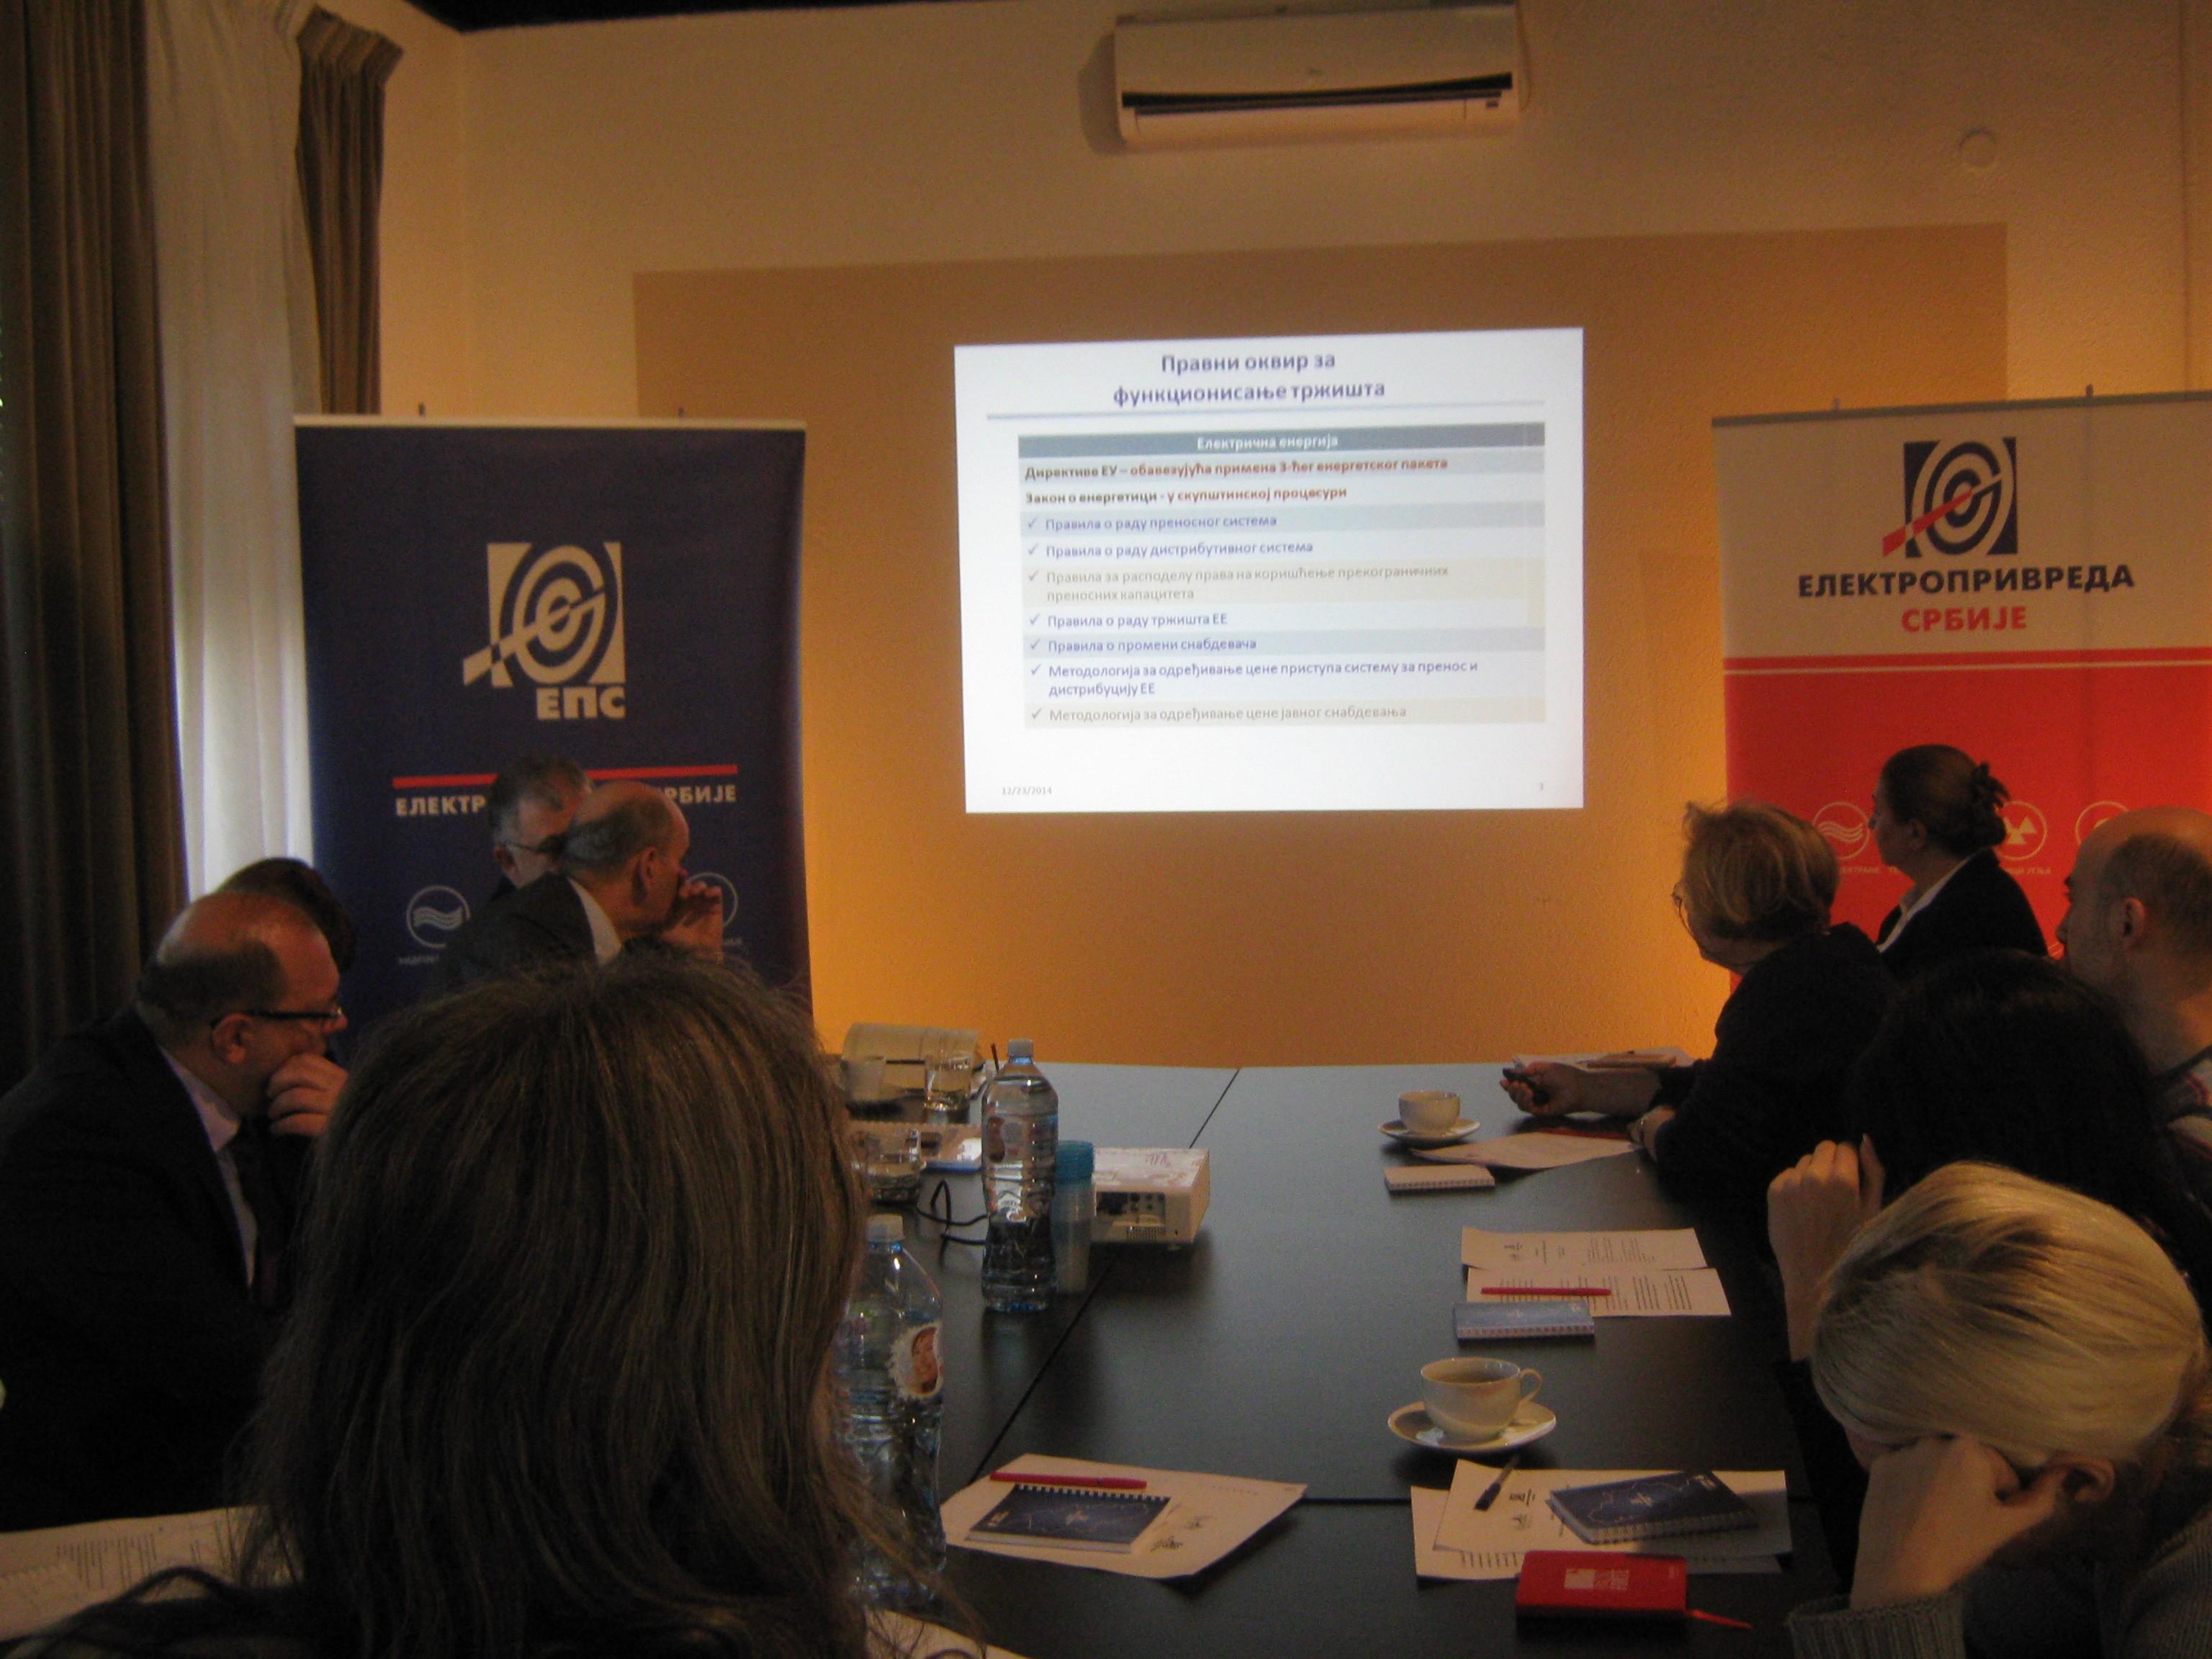 Seminar Liberalizacija trzista el.energije, decembar 2014